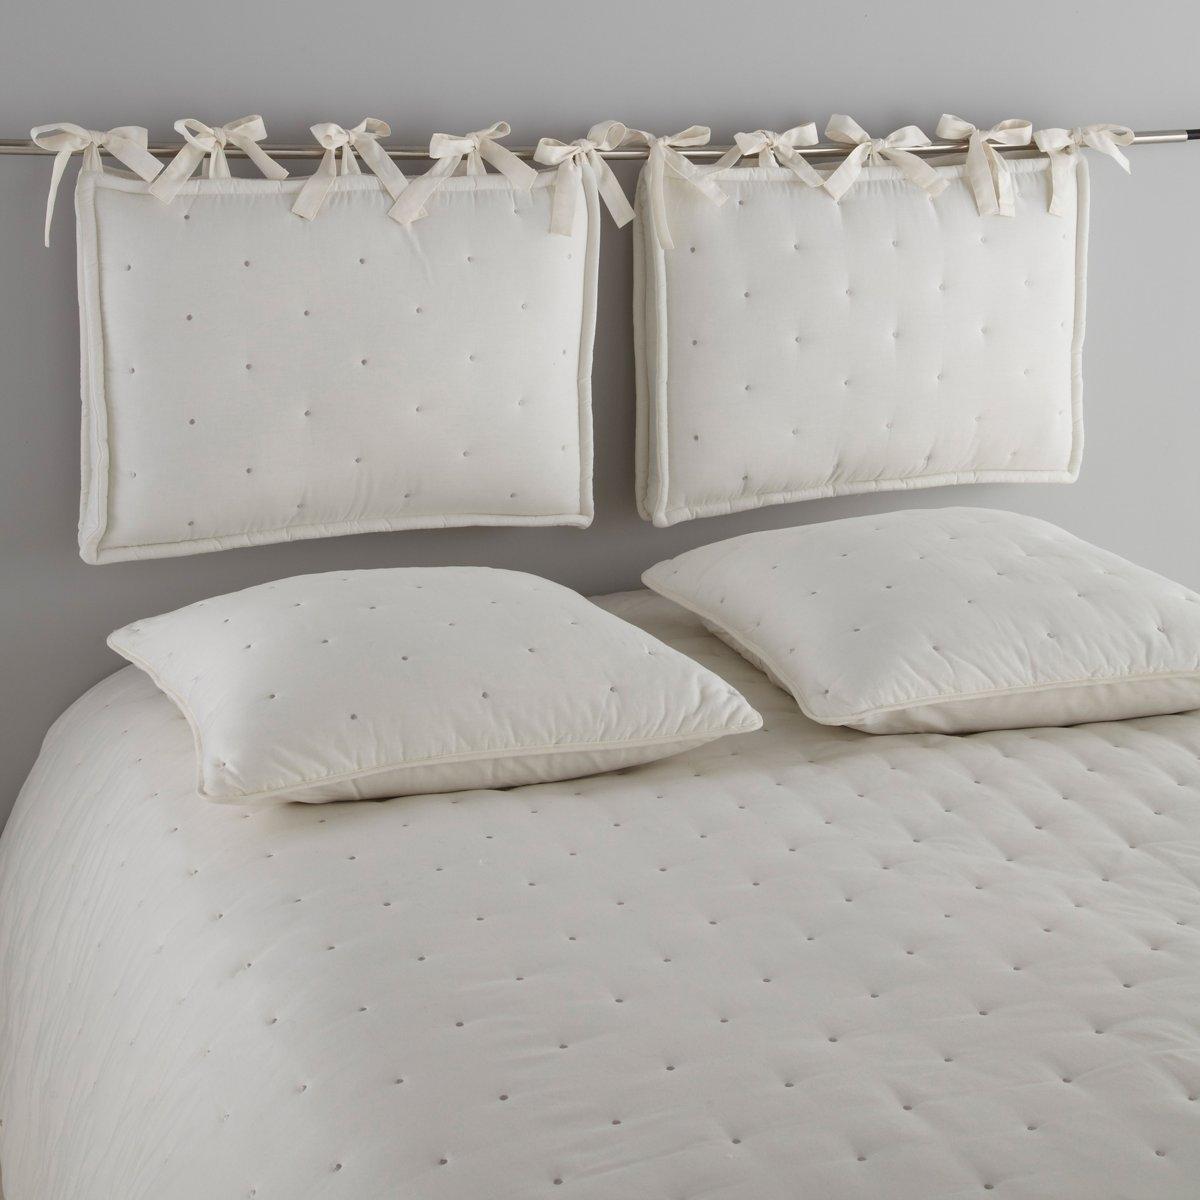 Подушка для изголовья кроватиСтеганая подушка для изголовья кровати A?ri. 100% хлопка. Контрастная вышивка кругами. Наполнитель из полиэстера (1100 г/м?). С широкими завязками. Толщина 11 см. Размер: 50 х 70 см.<br><br>Цвет: бледный сине-зеленый,розовая пудра/серо-бежевый<br>Размер: 50 x 70  см